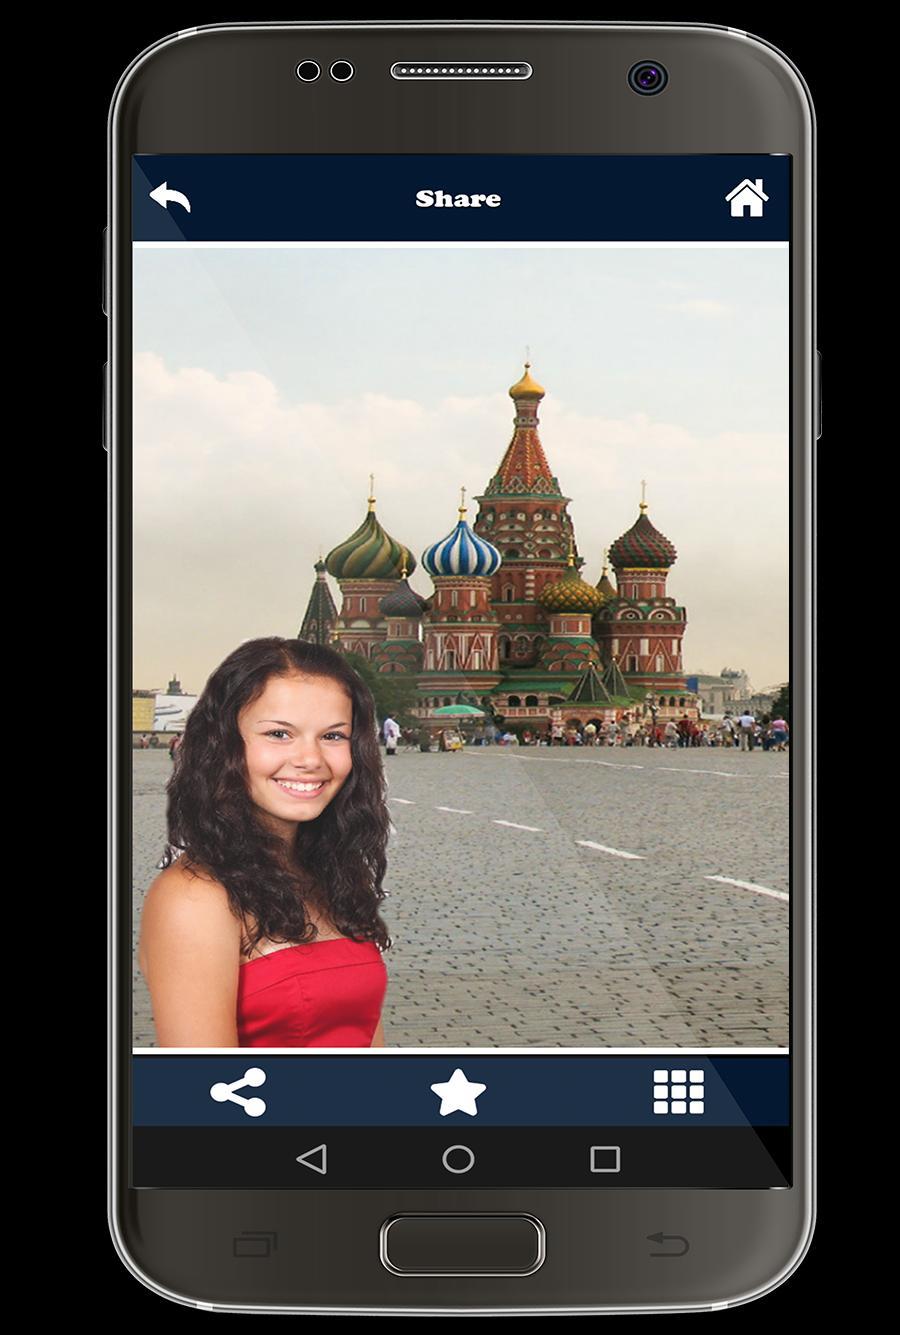 дорогих вам приложение айфона для изменения фона на фото господин богданов